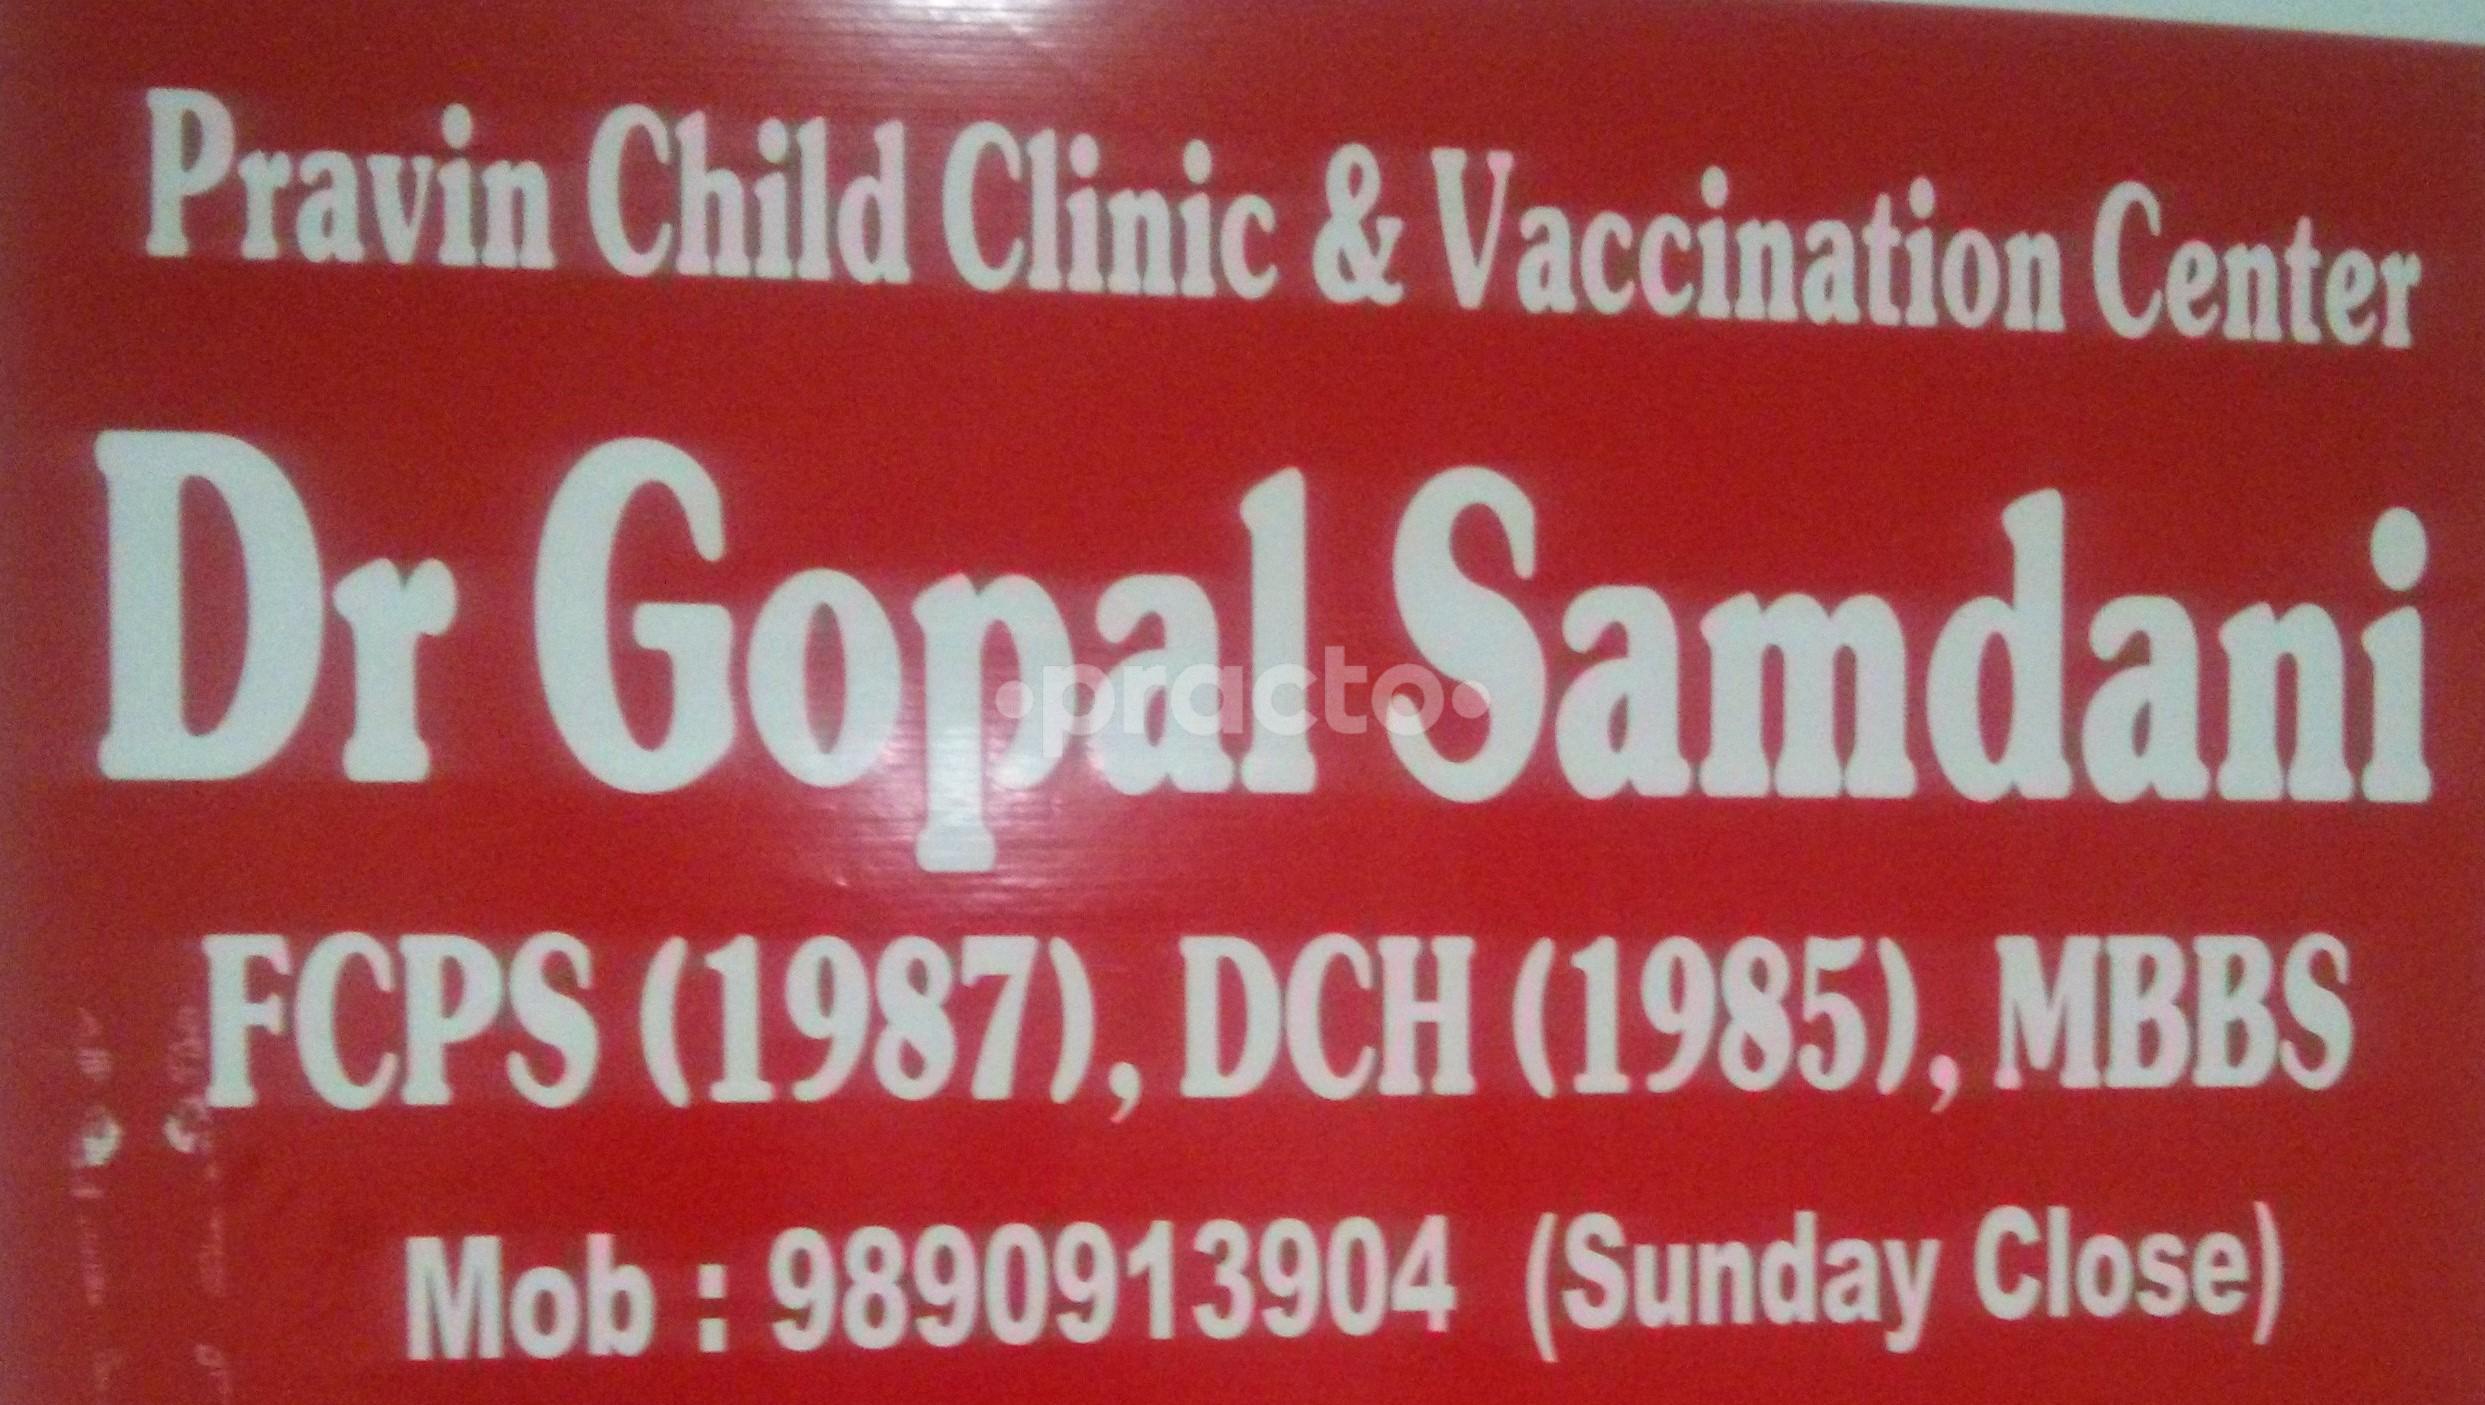 Pravin Child Clinic & Vaccination Center, Pediatric Clinic in Pimple